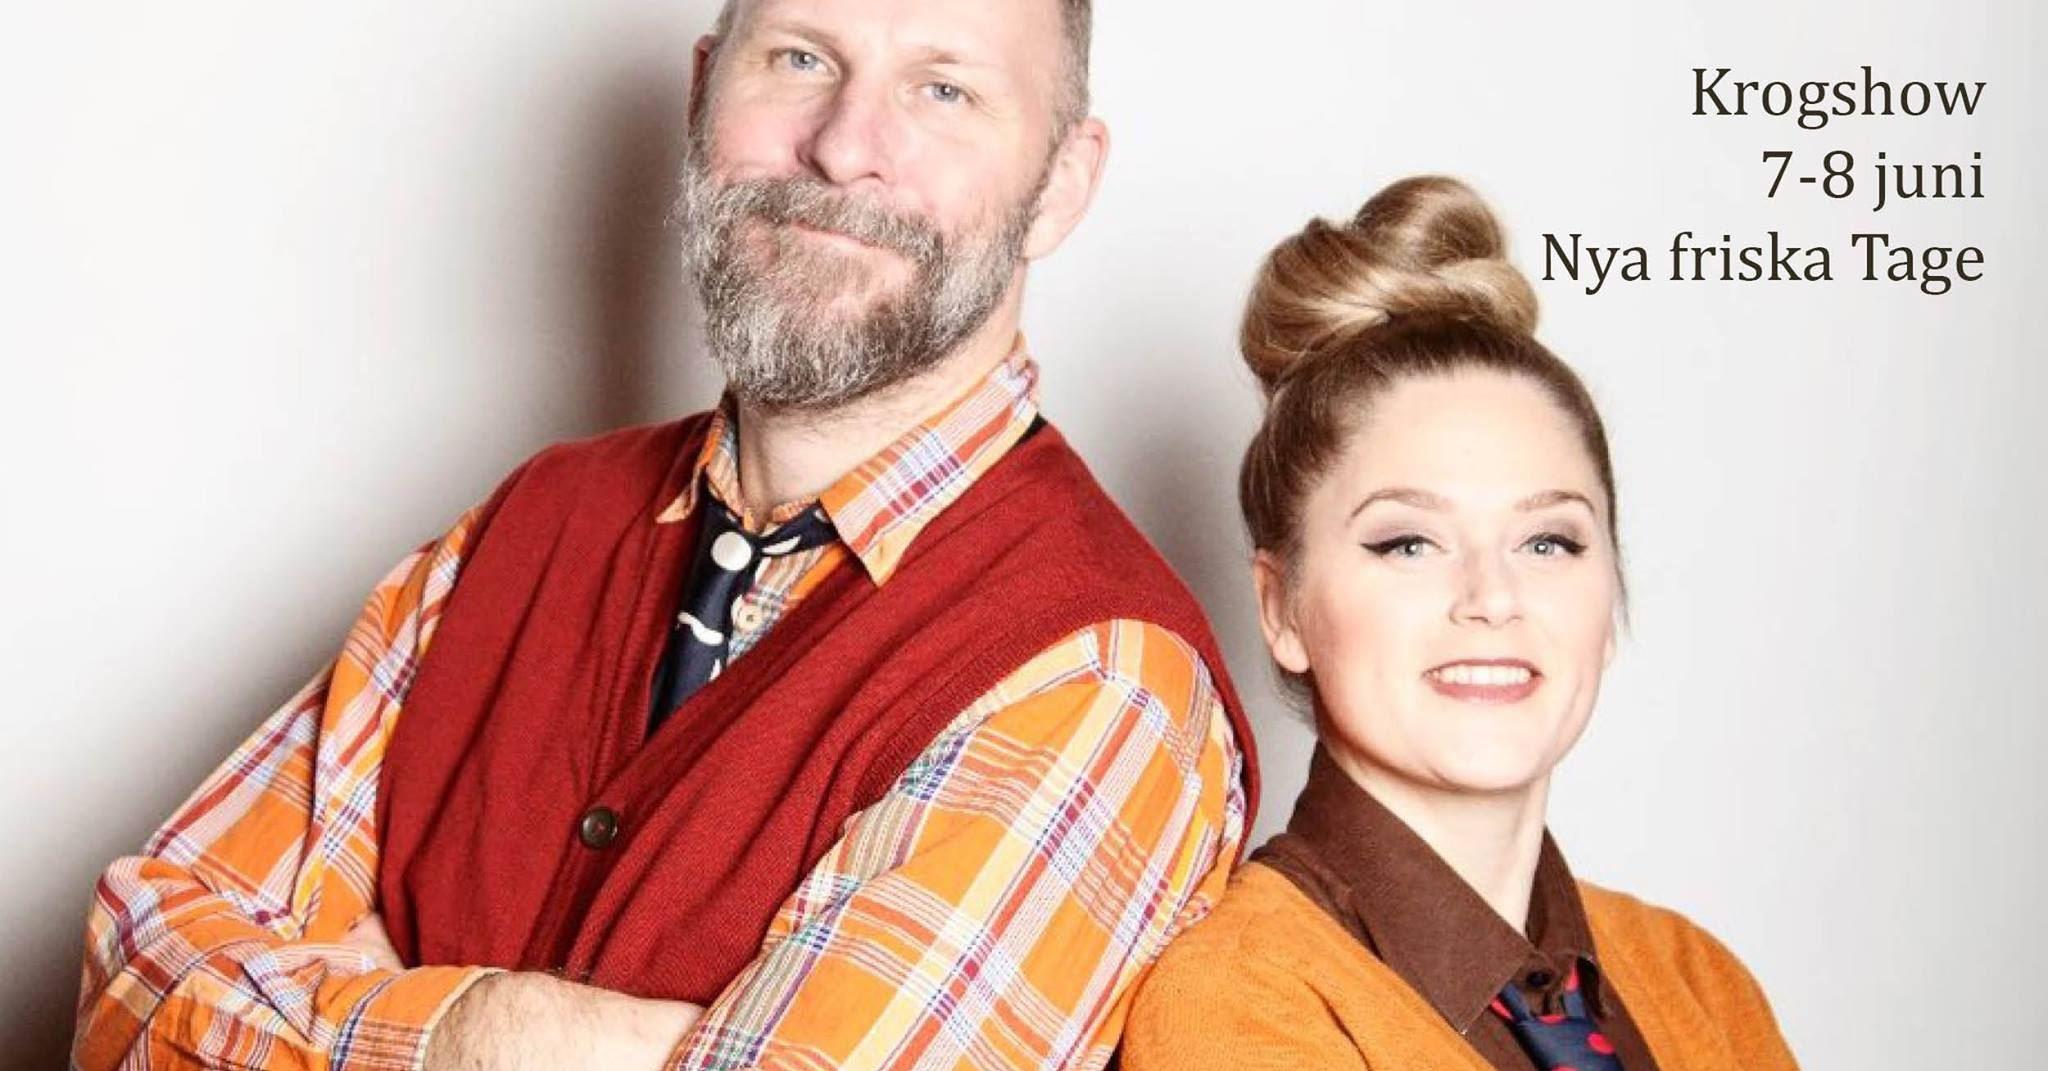 Krogshow Nya friska Tage - Kalle Lind och Mimi Terris med levande orkester